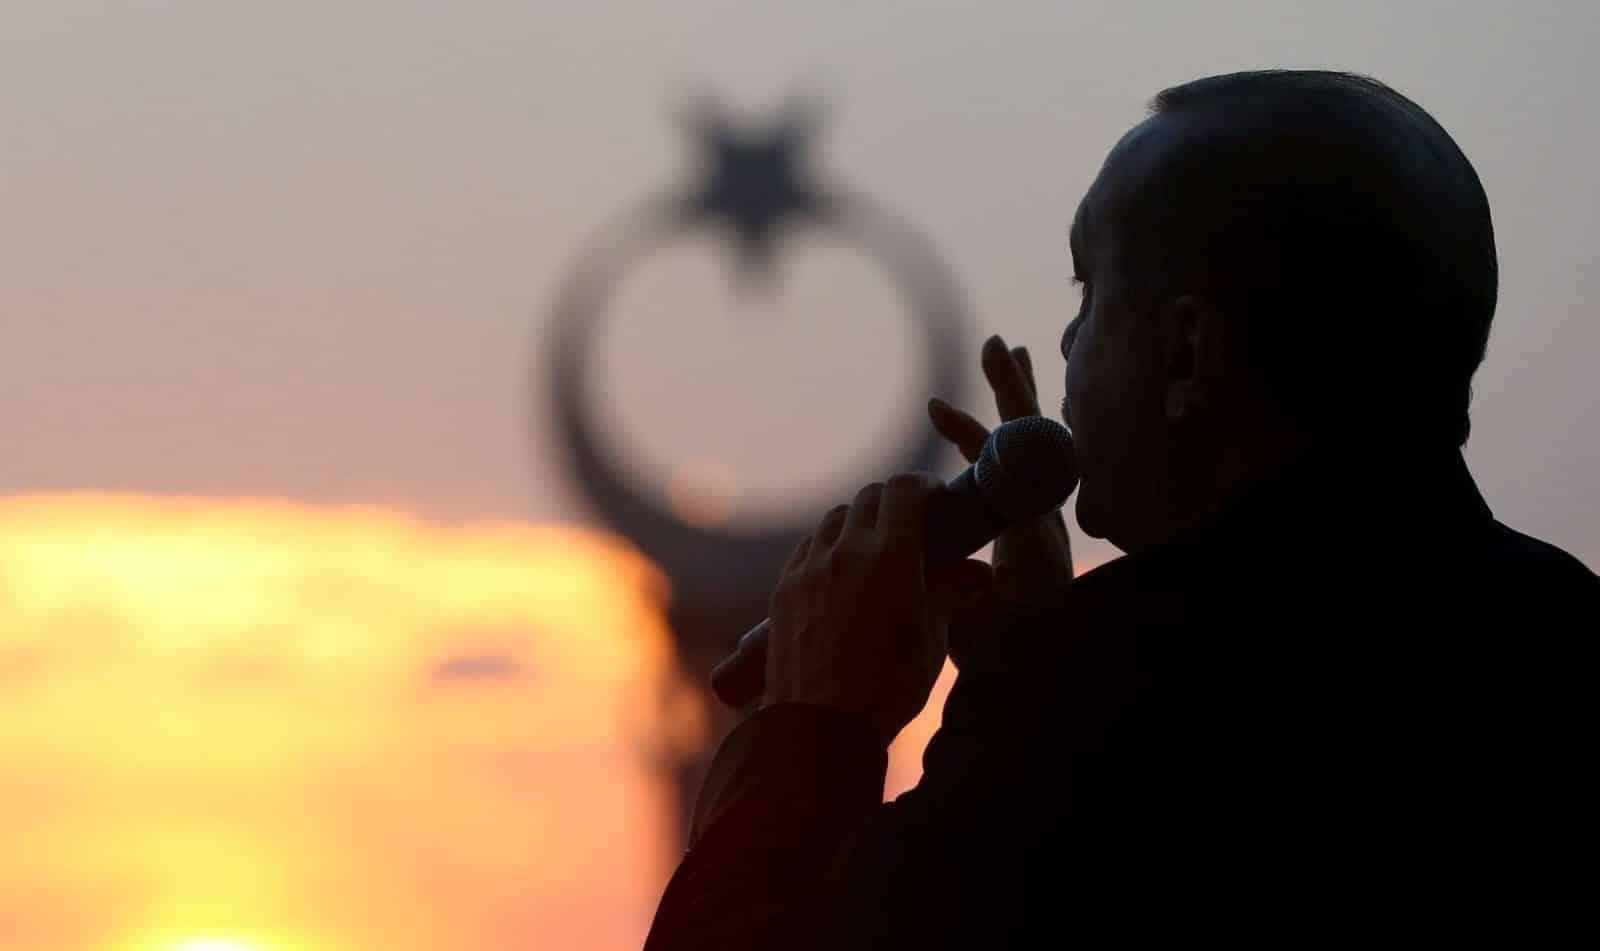 ΗΠΑ: «Σφαλιάρα» στην Τουρκία - Την έβαλαν σε black list Λιμάνι από την Τυνησία για τον τουρκικό στόλο απαιτεί ο Ερντογάν Ερντογάν: Πολεμικές ιαχές για Αιγαίο Ενίσχυση δυνάμεων στην Λιβύη Ερντογάν ζει Κυπριακή ΑΟΖ: Γιατί ο Ερντογάν ΔΕΝ θα τολμήσει γεώτρηση τώρα Μυστήριο με κεφάλαια 58 δισ $ στην Τουρκική Κεντρική Τράπεζα Ερντογάν